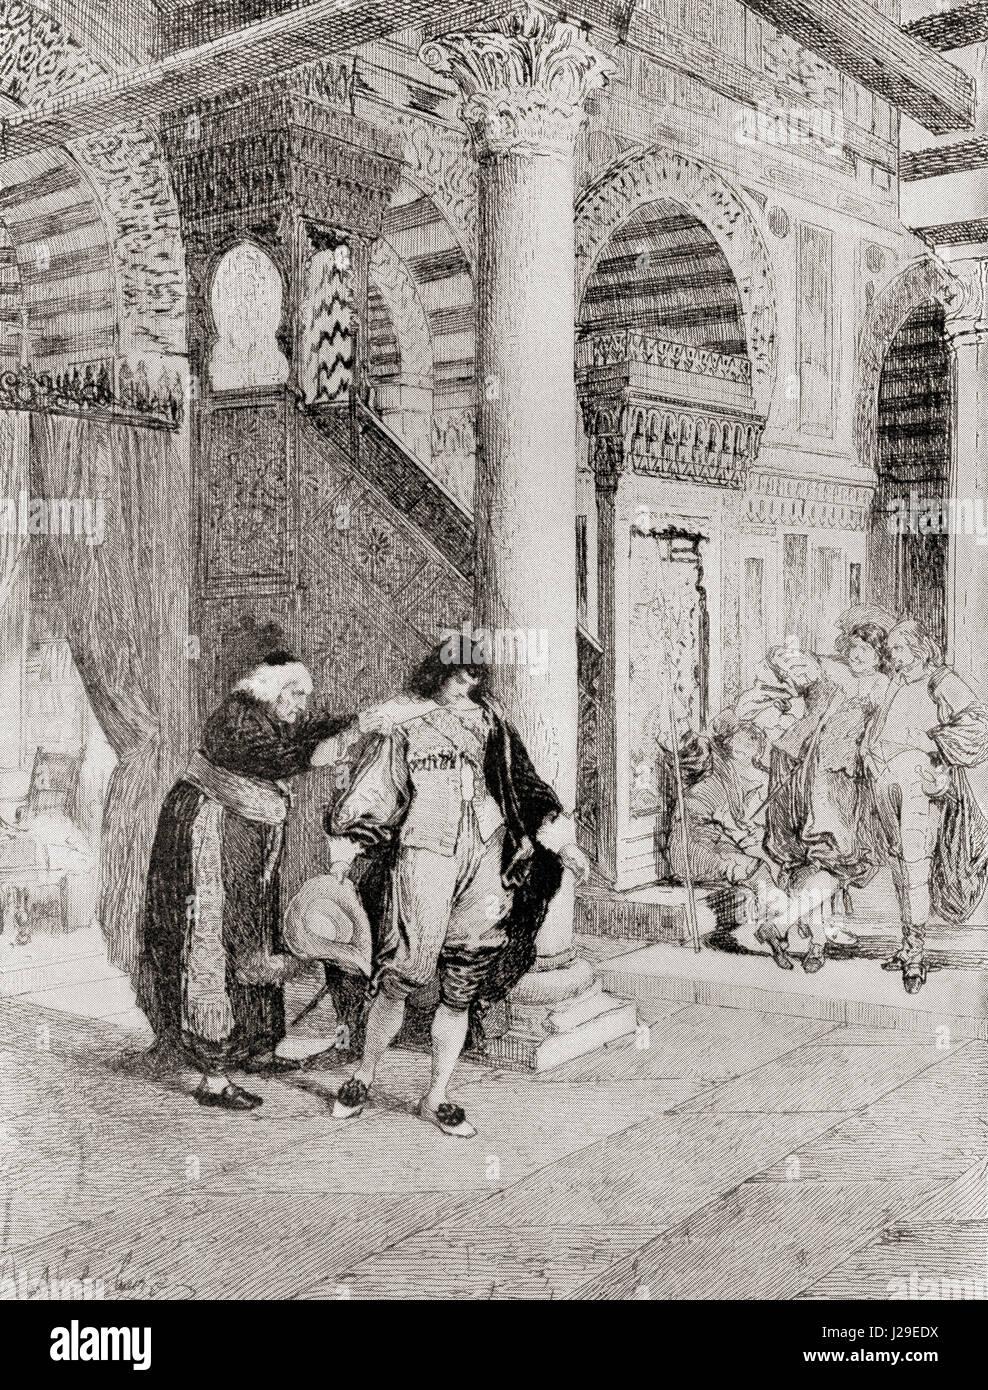 Gil Blas est rejeté. Illustration du roman Les Aventures de Gil Blas de Santillane par Alain-René Lesage. Photo Stock